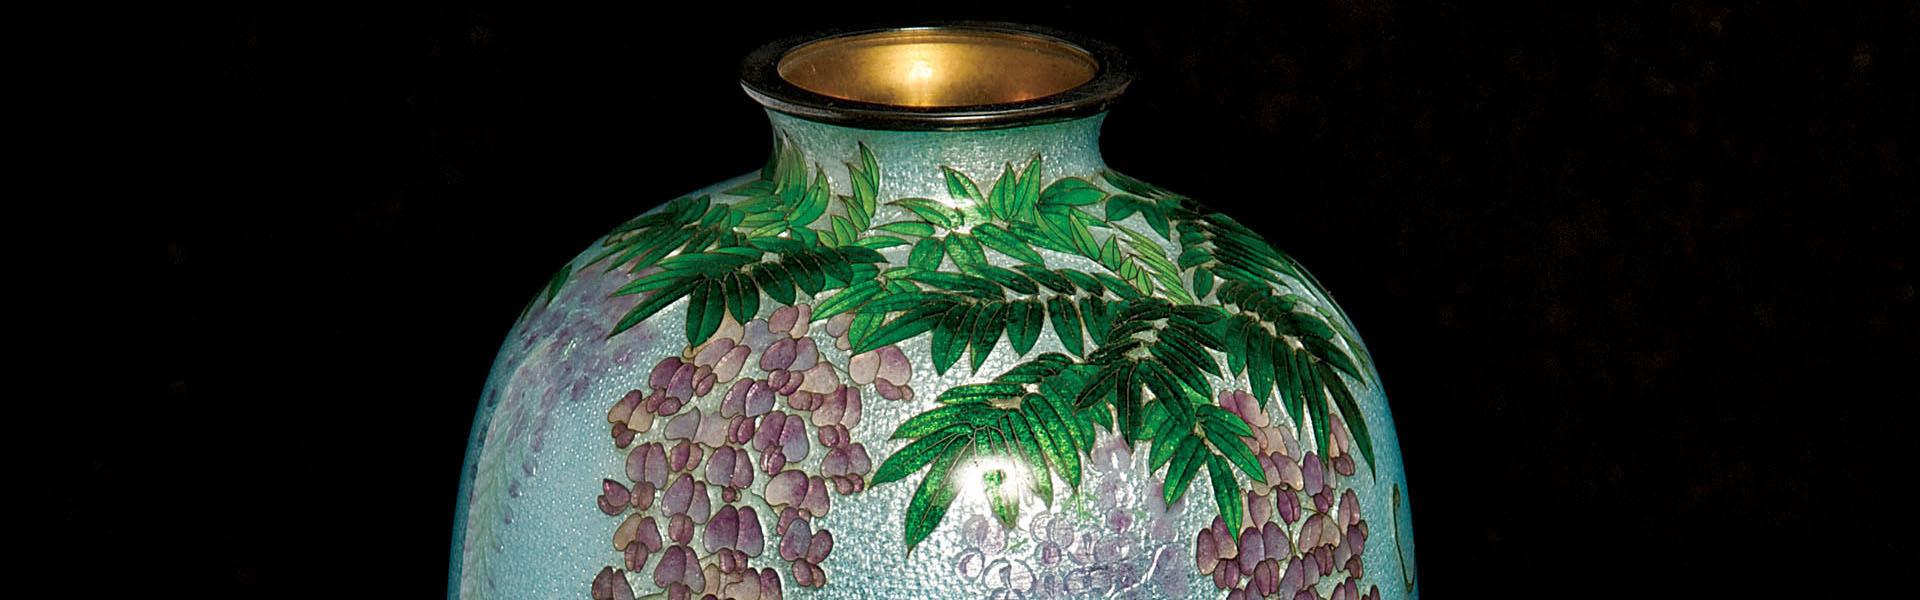 Vase à la Place Fulford